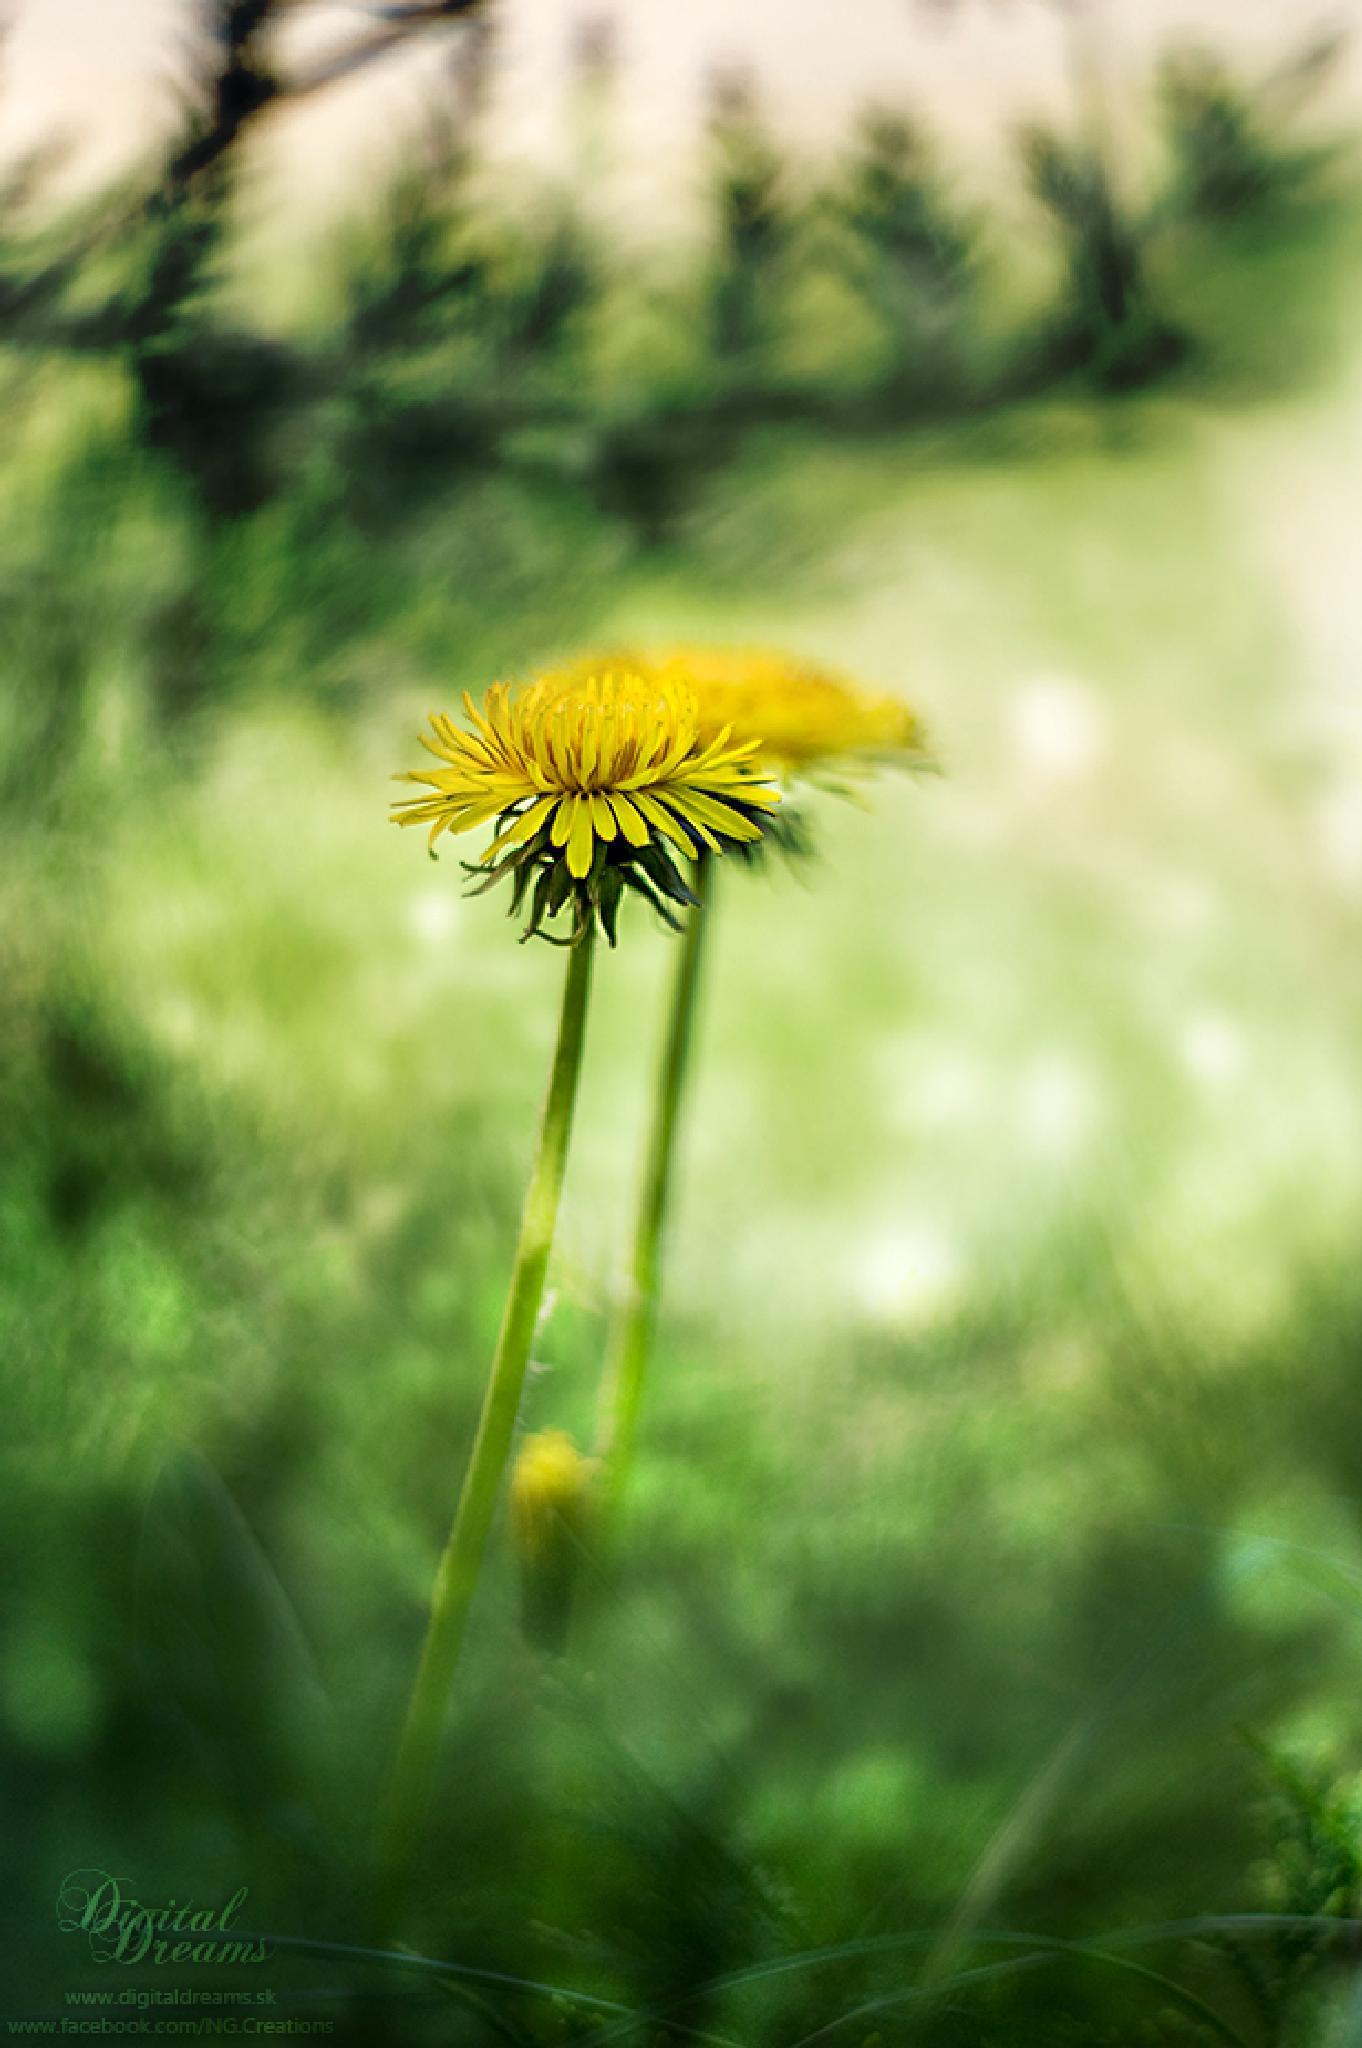 Dandelion by digitaldreams_sk